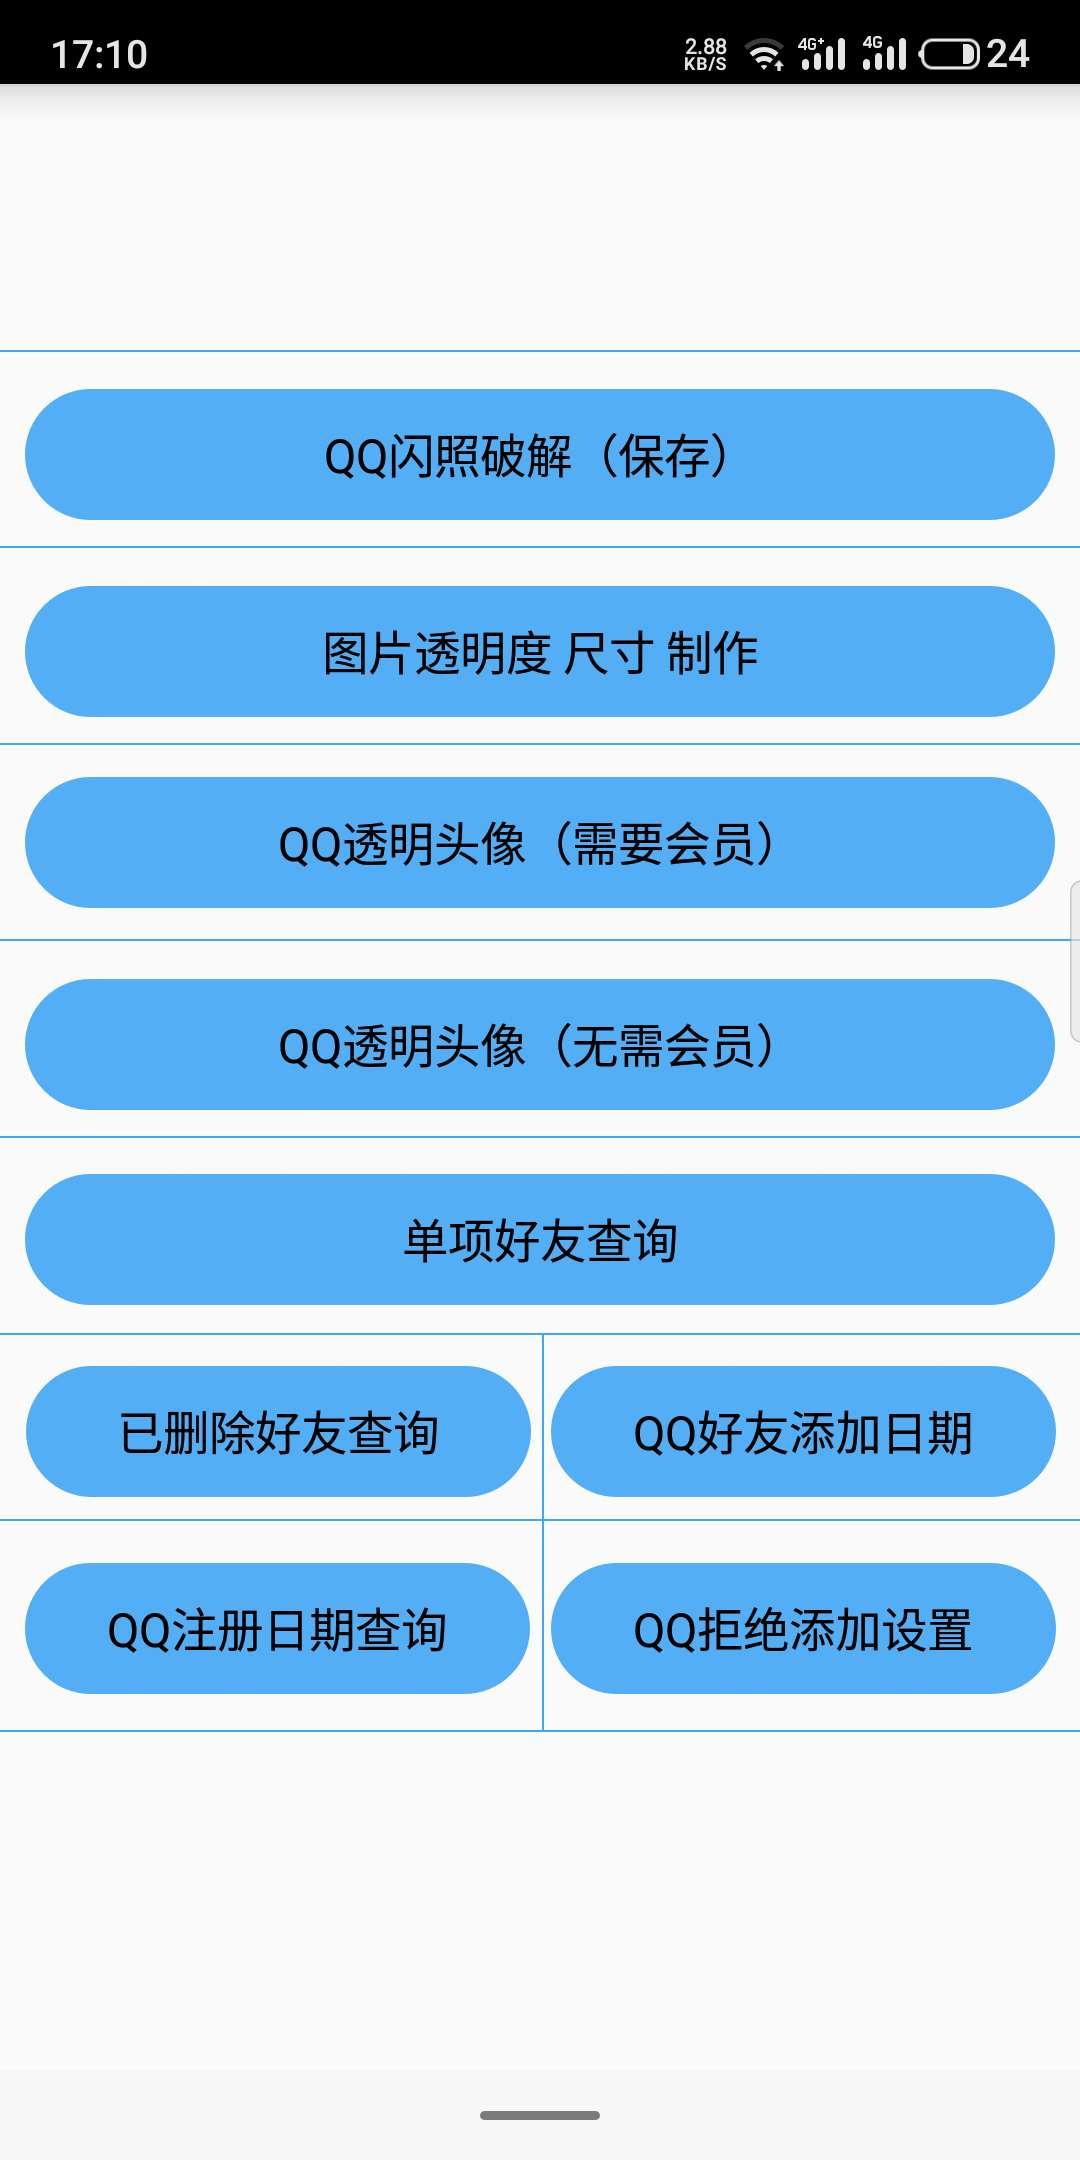 【分享】布偶必备工具V5.7 ( 闪照破解 单项好友 等)